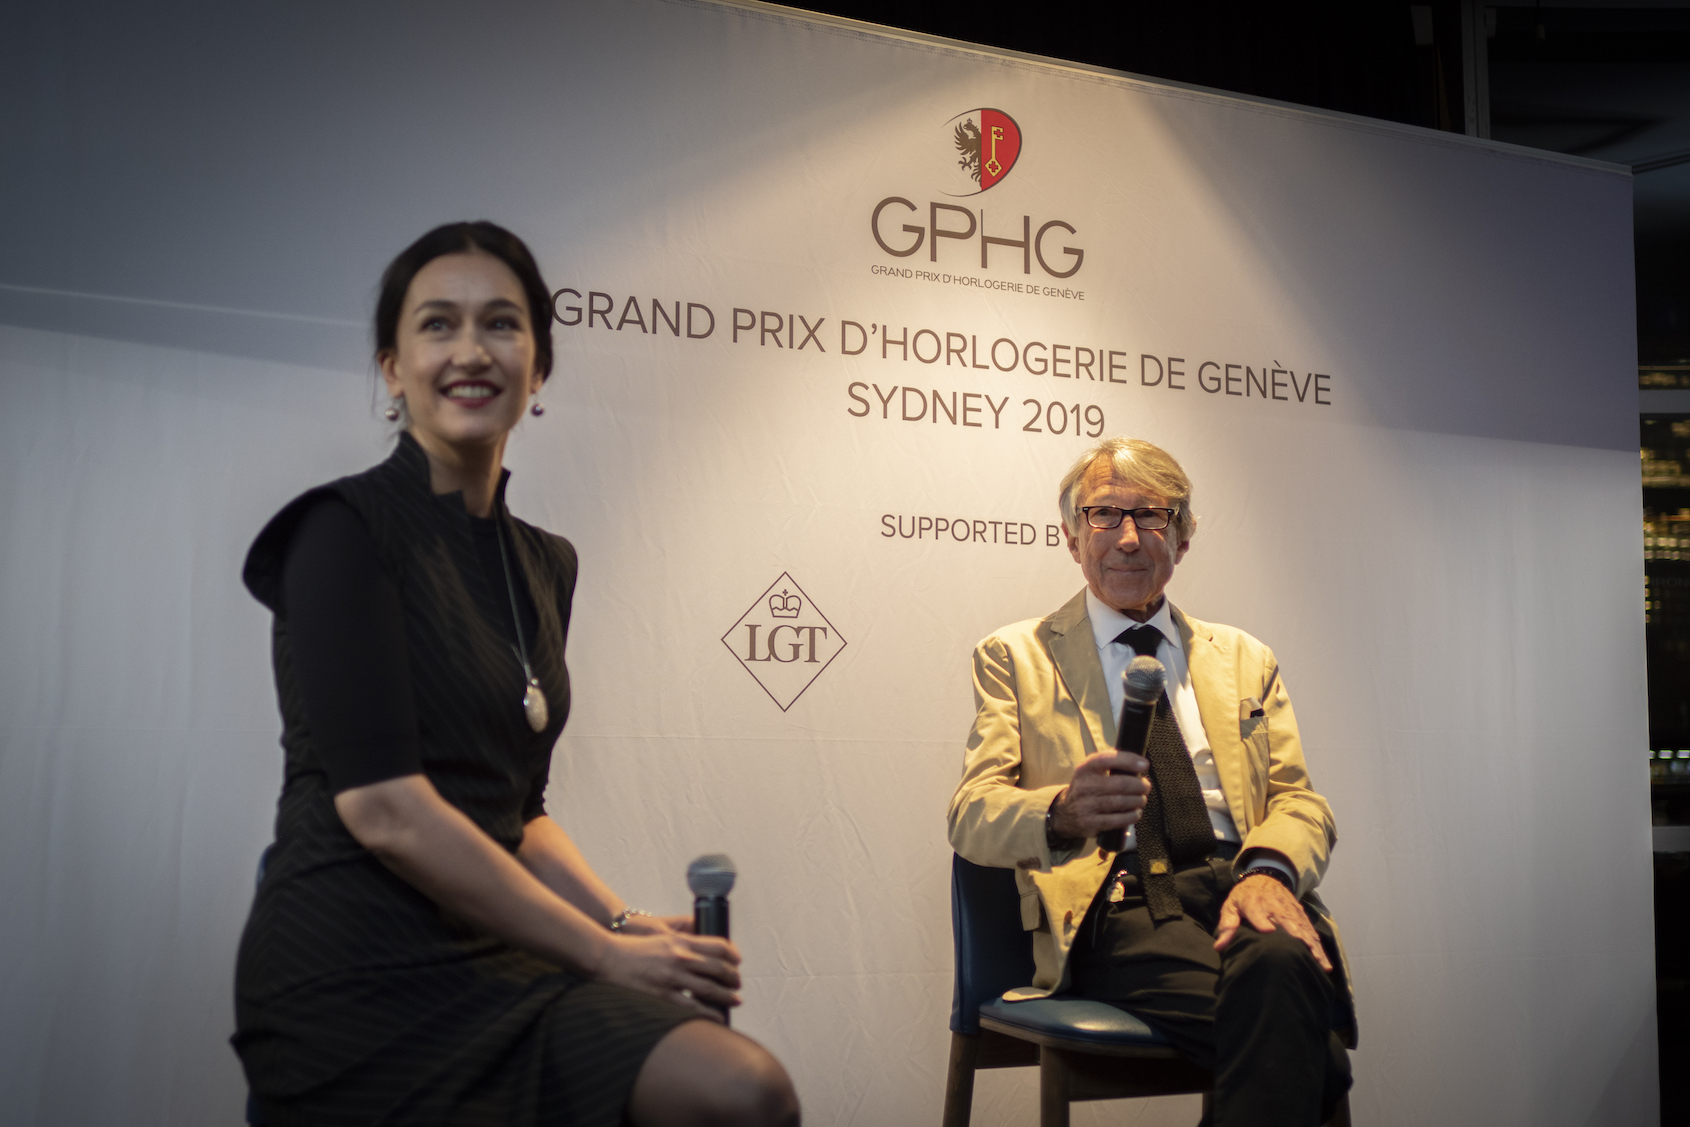 GPHG Sydney 2019